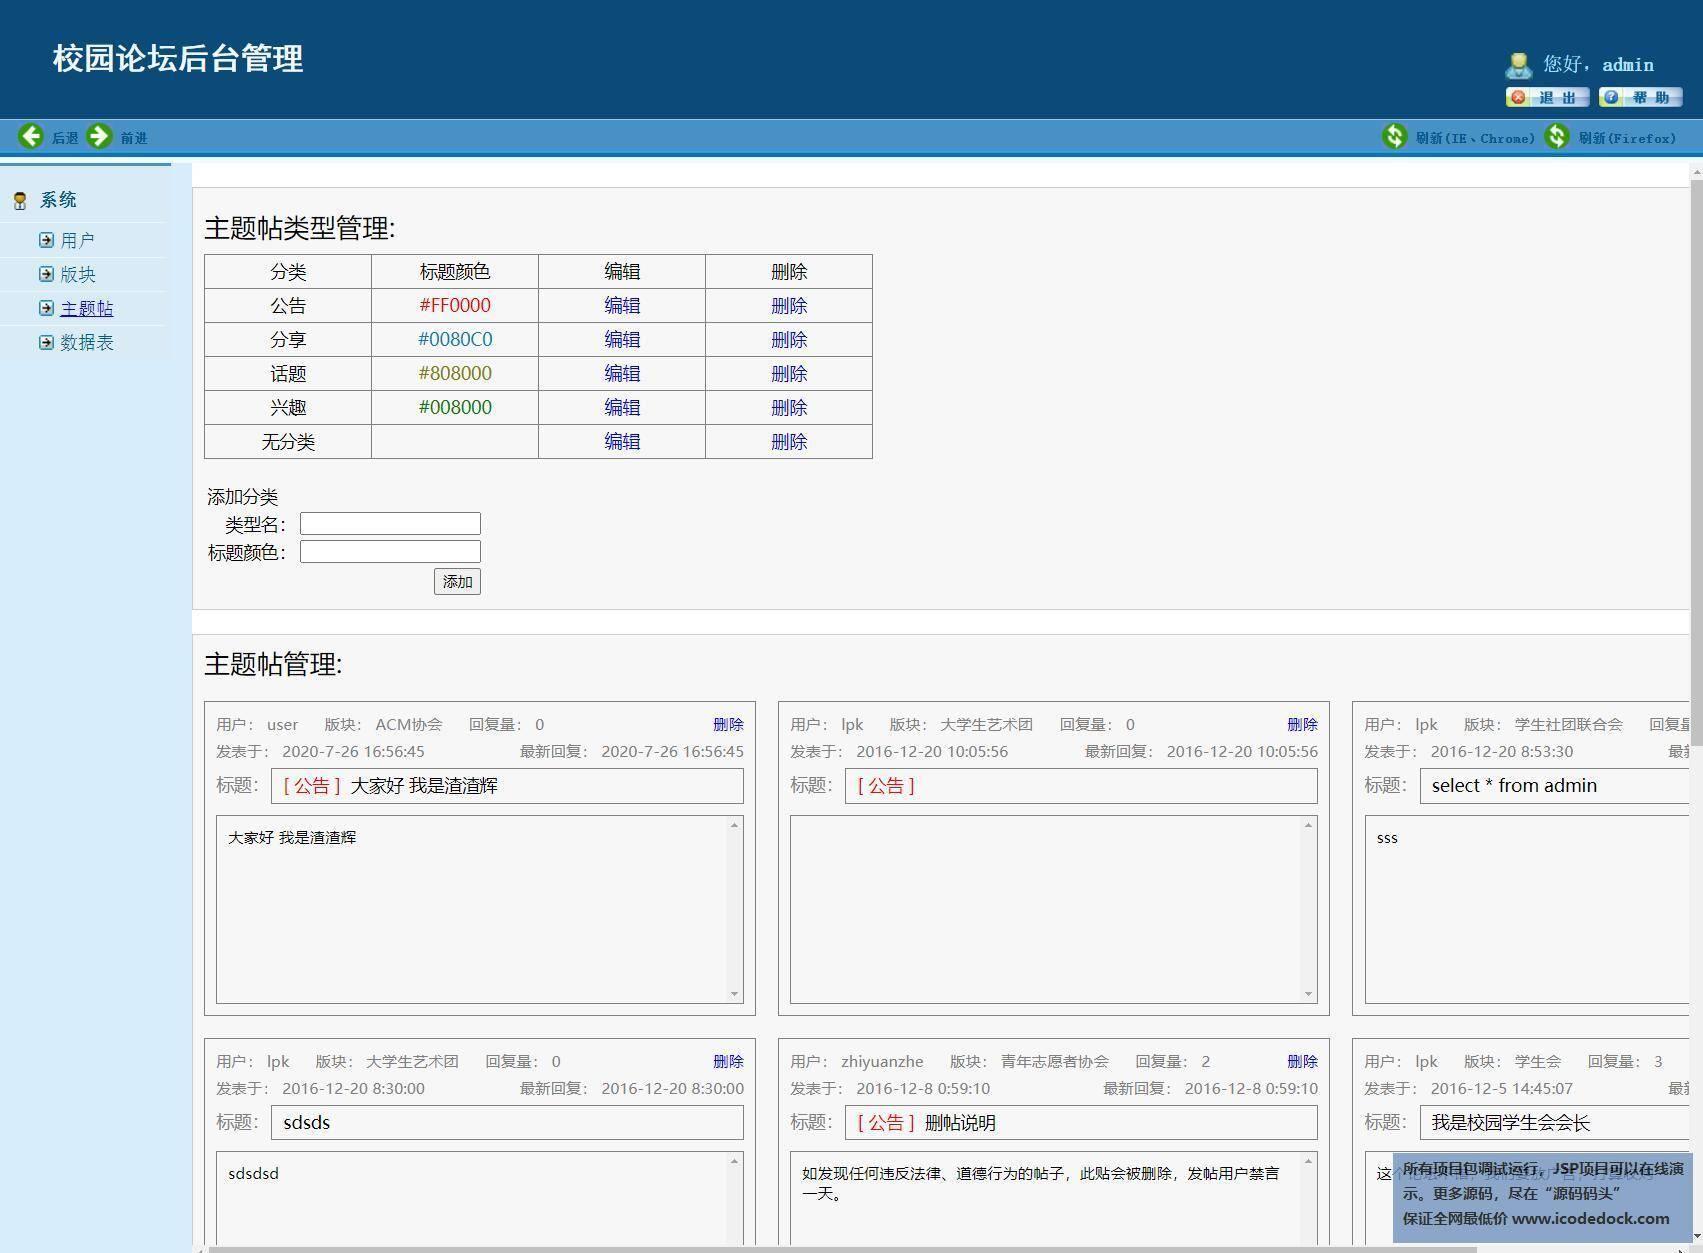 源码码头-JSP校园论坛管理系统-管理员角色-帖子管理